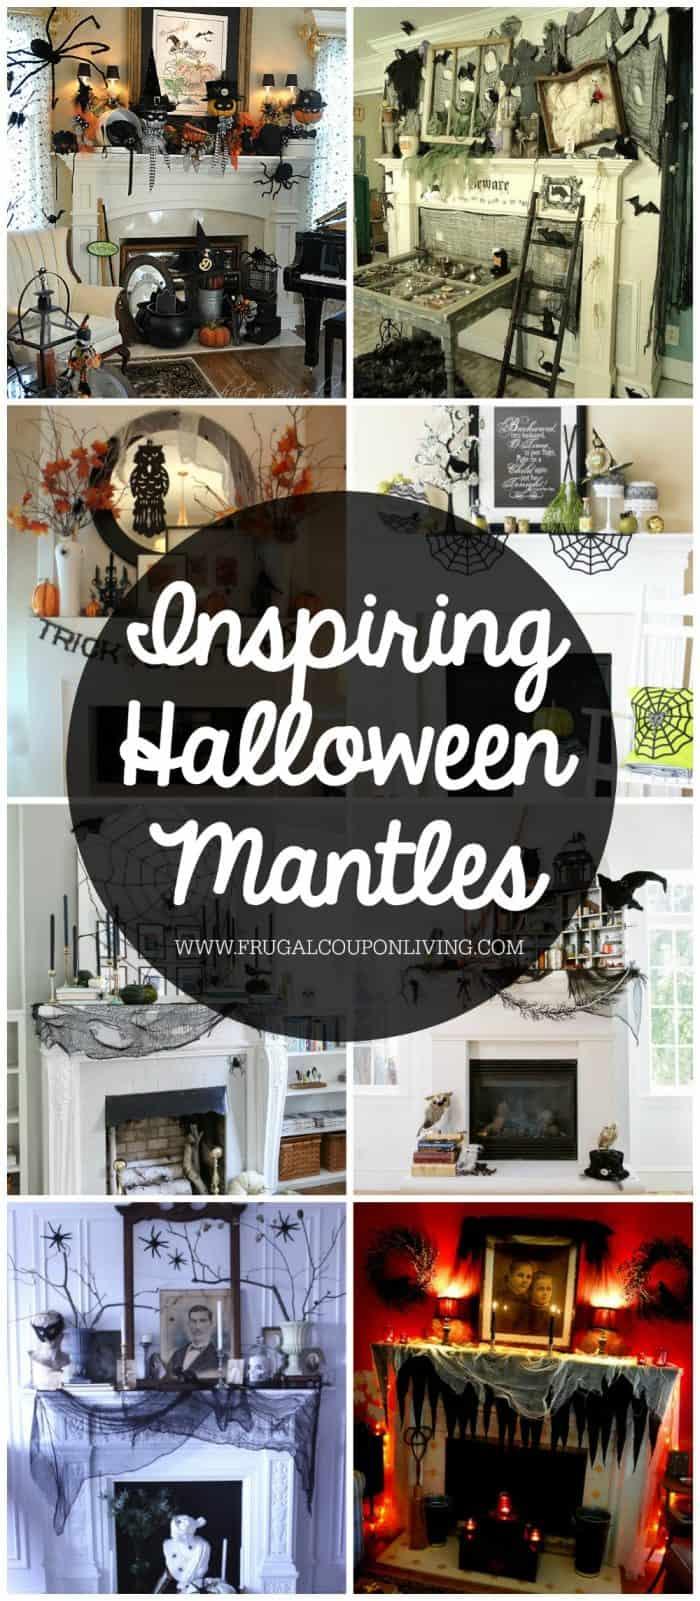 Inspiring-Halloween-Mantles-Collage-Frugal-Coupon-Living